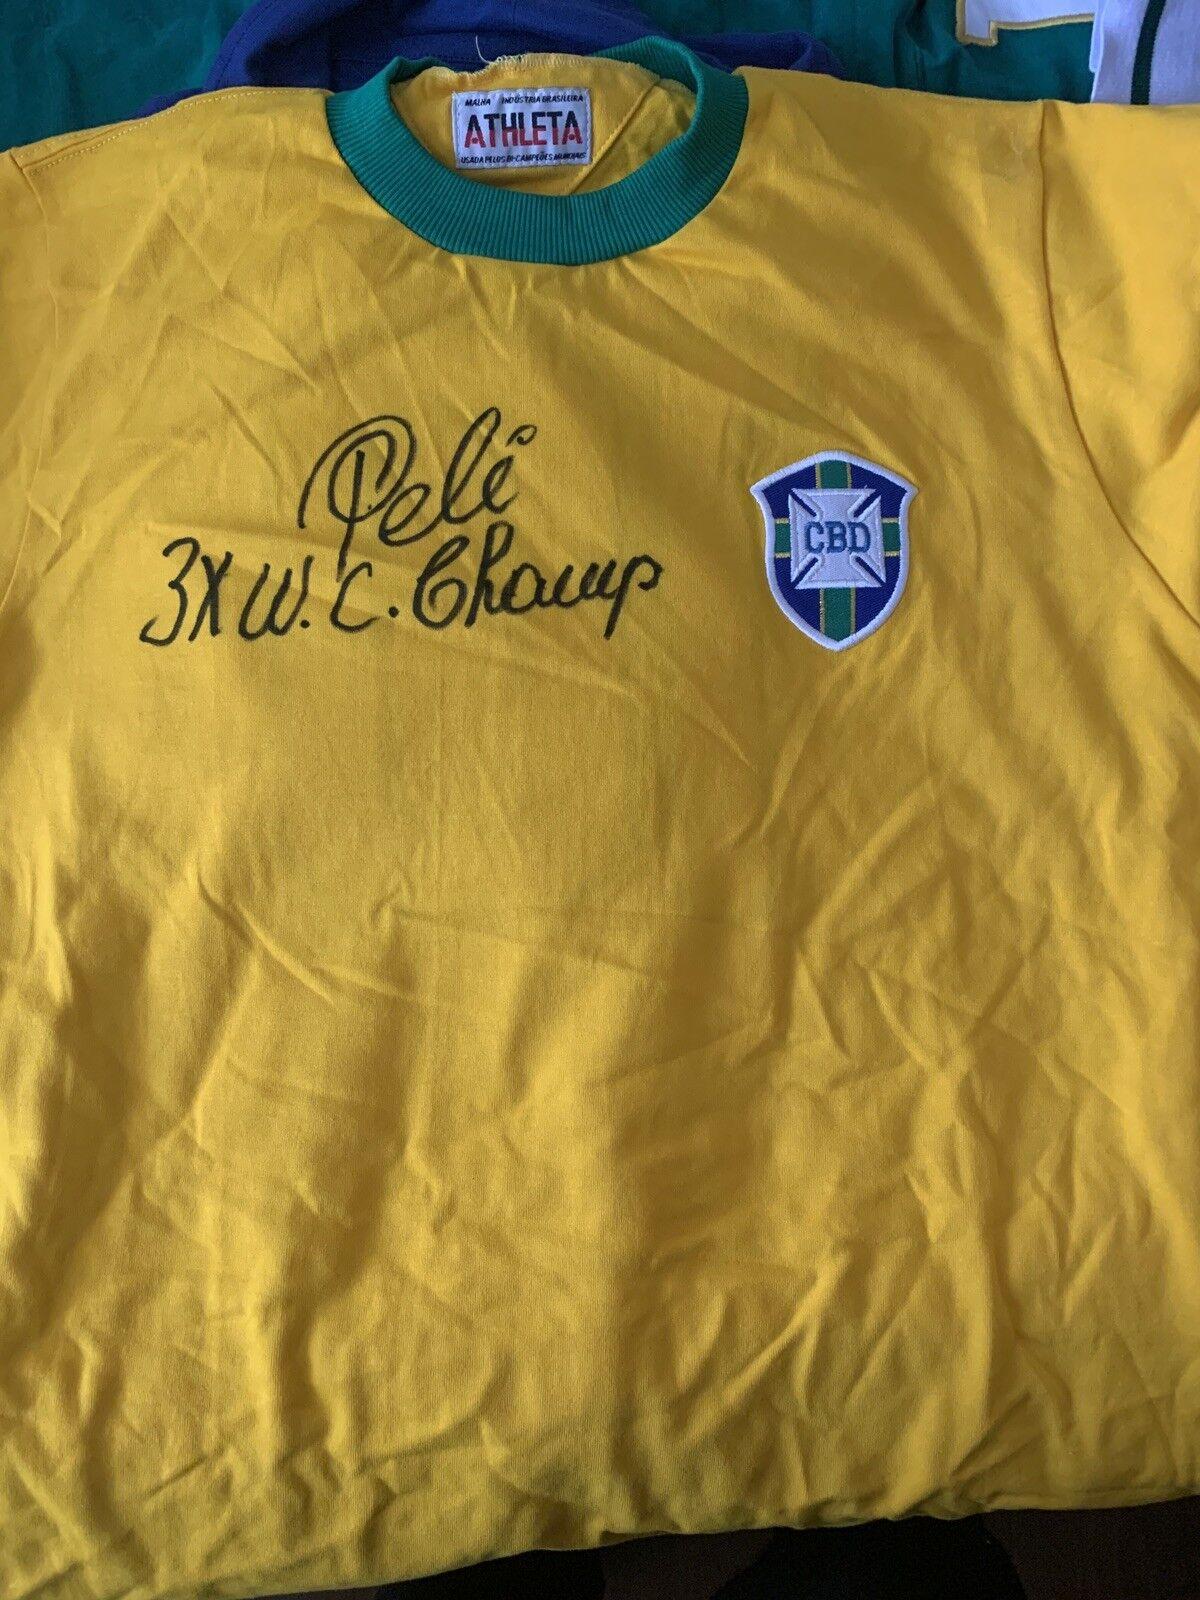 Molto RARO PELE inscritto Brazil shirt firmata PELE 3xwc Champ con il nostro COA